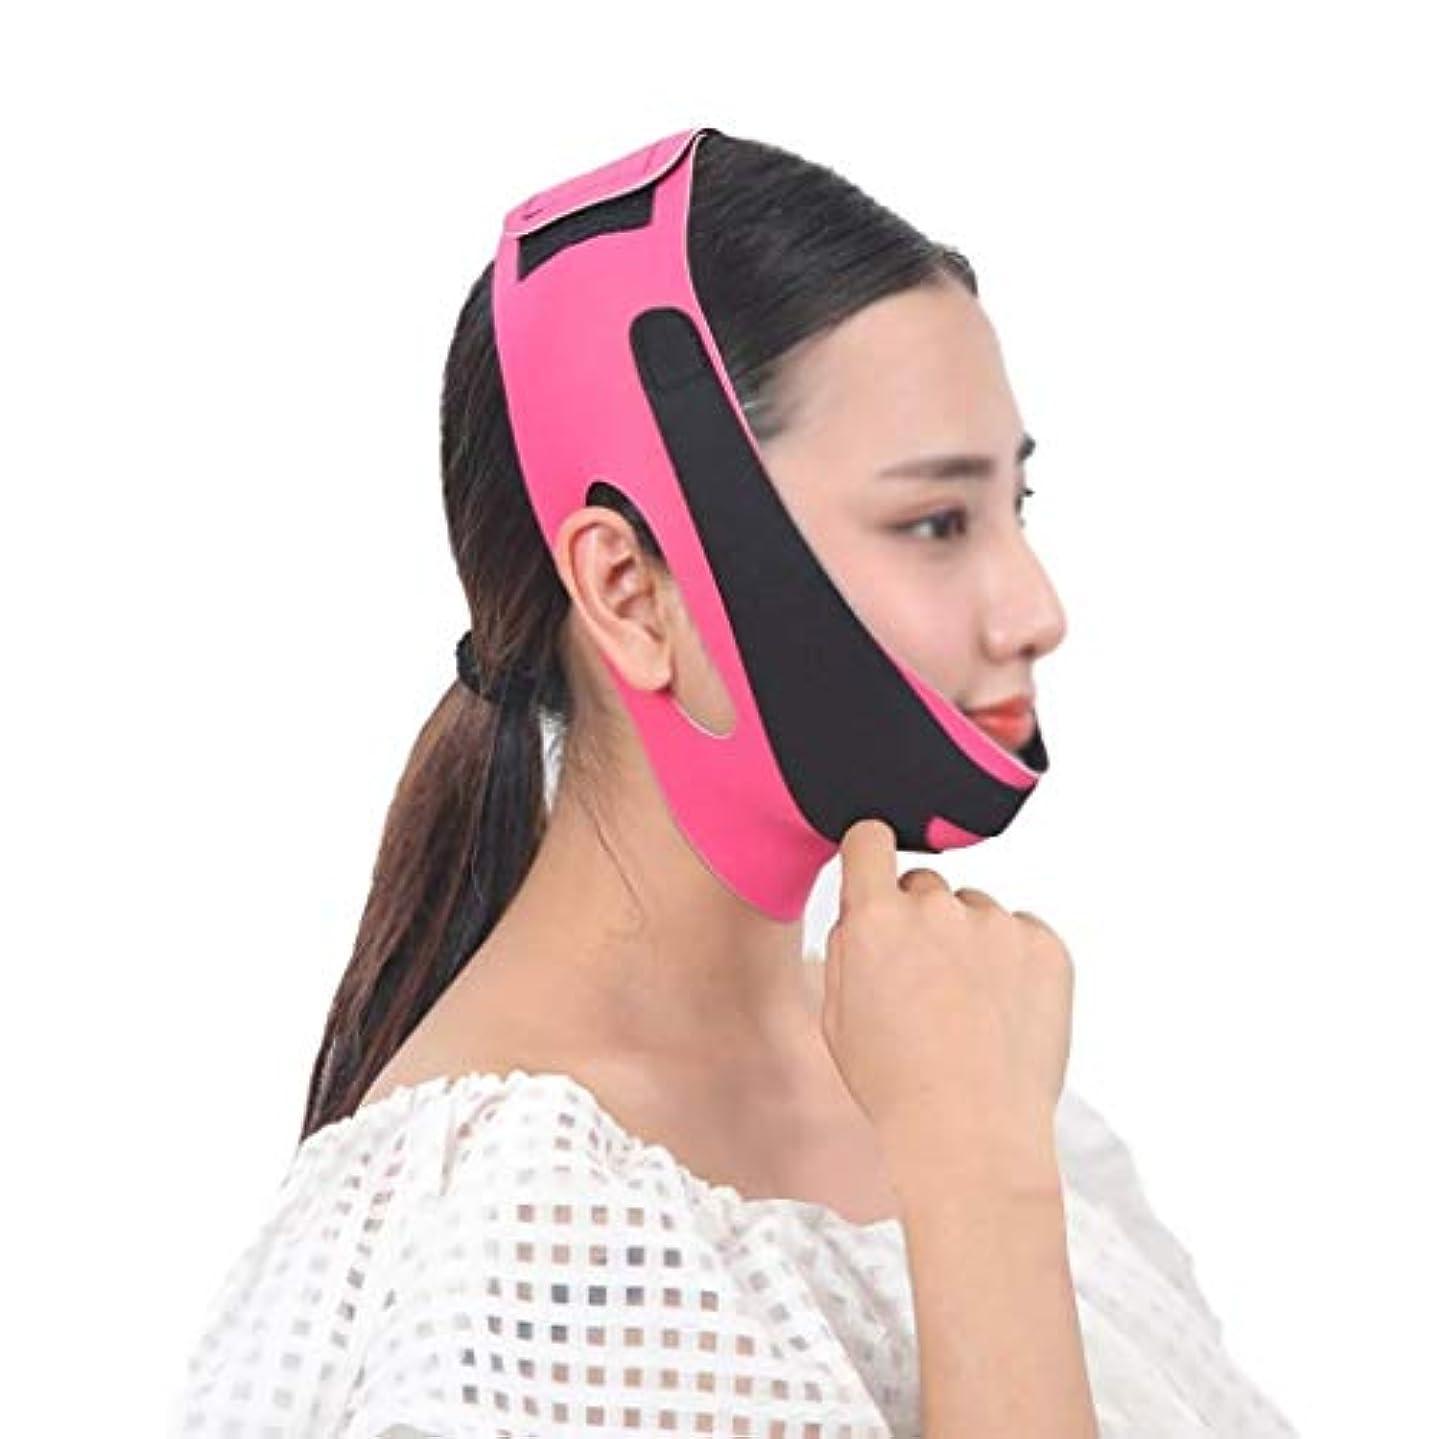 腰ポップ電子レンジフェイスアンドネックリフト術後弾性フェイスマスク小さなV顔アーティファクト薄い顔包帯アーティファクトV顔ぶら下げ耳リフティング引き締め薄い顔アーティファクト